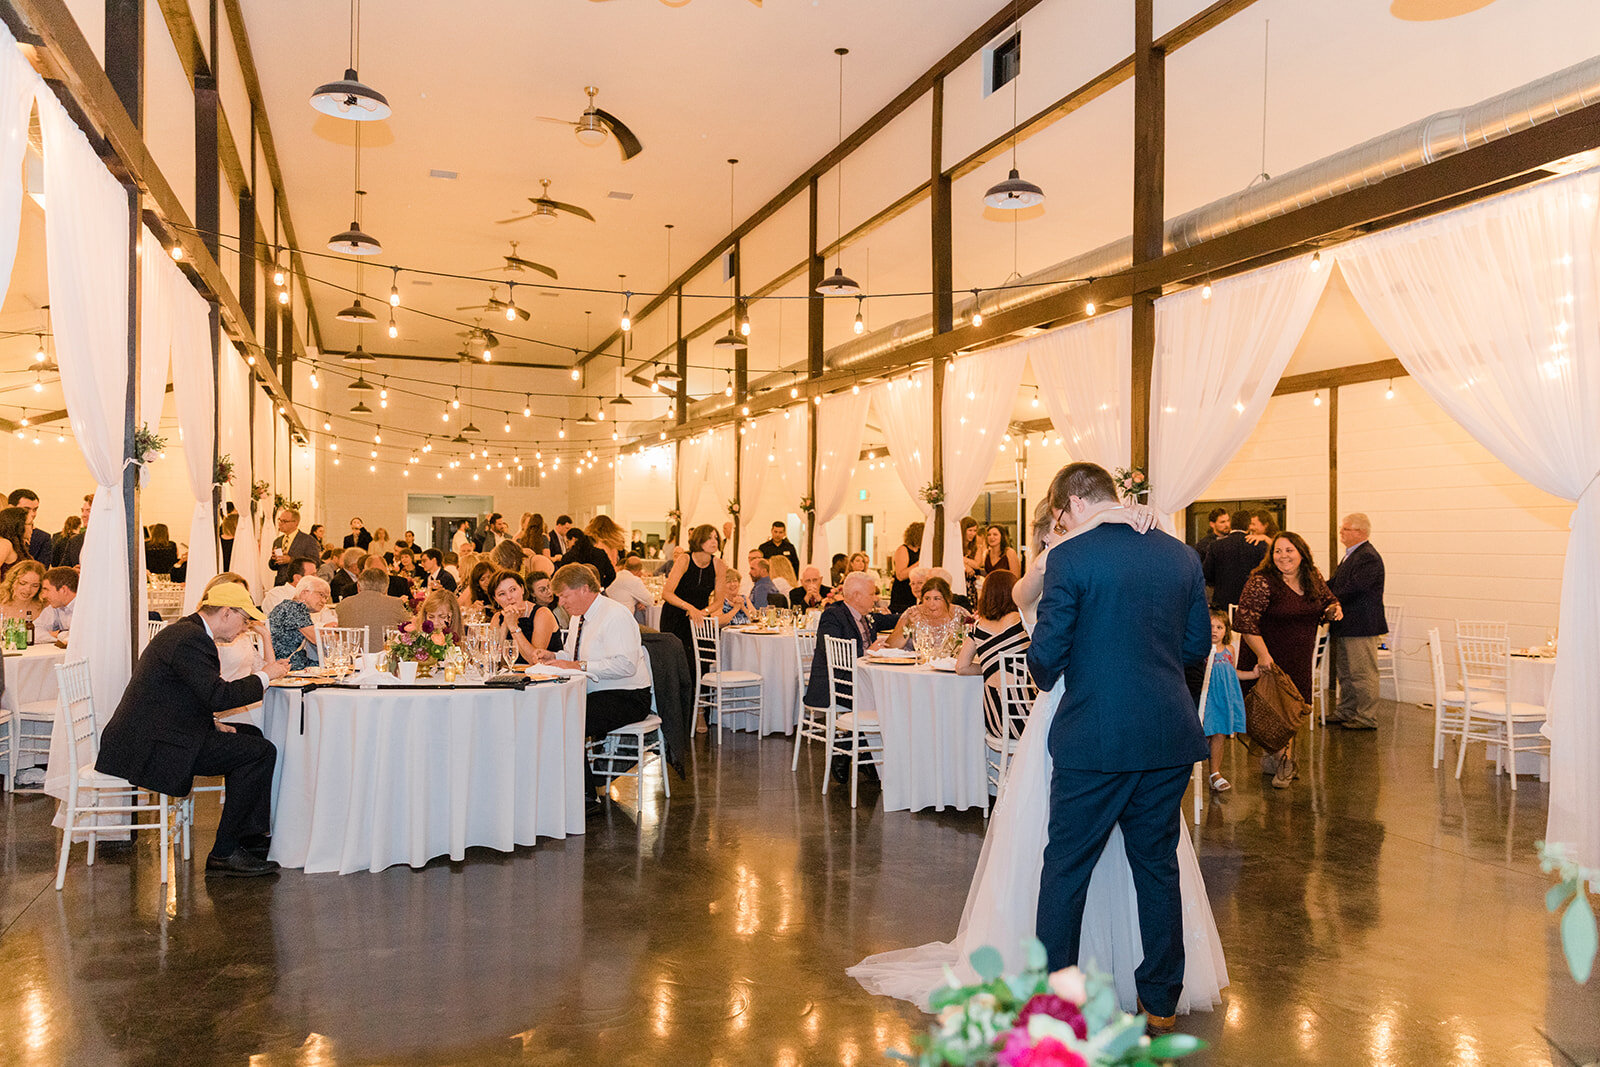 Tulsa Oklahoma Wedding Venues 93.jpg